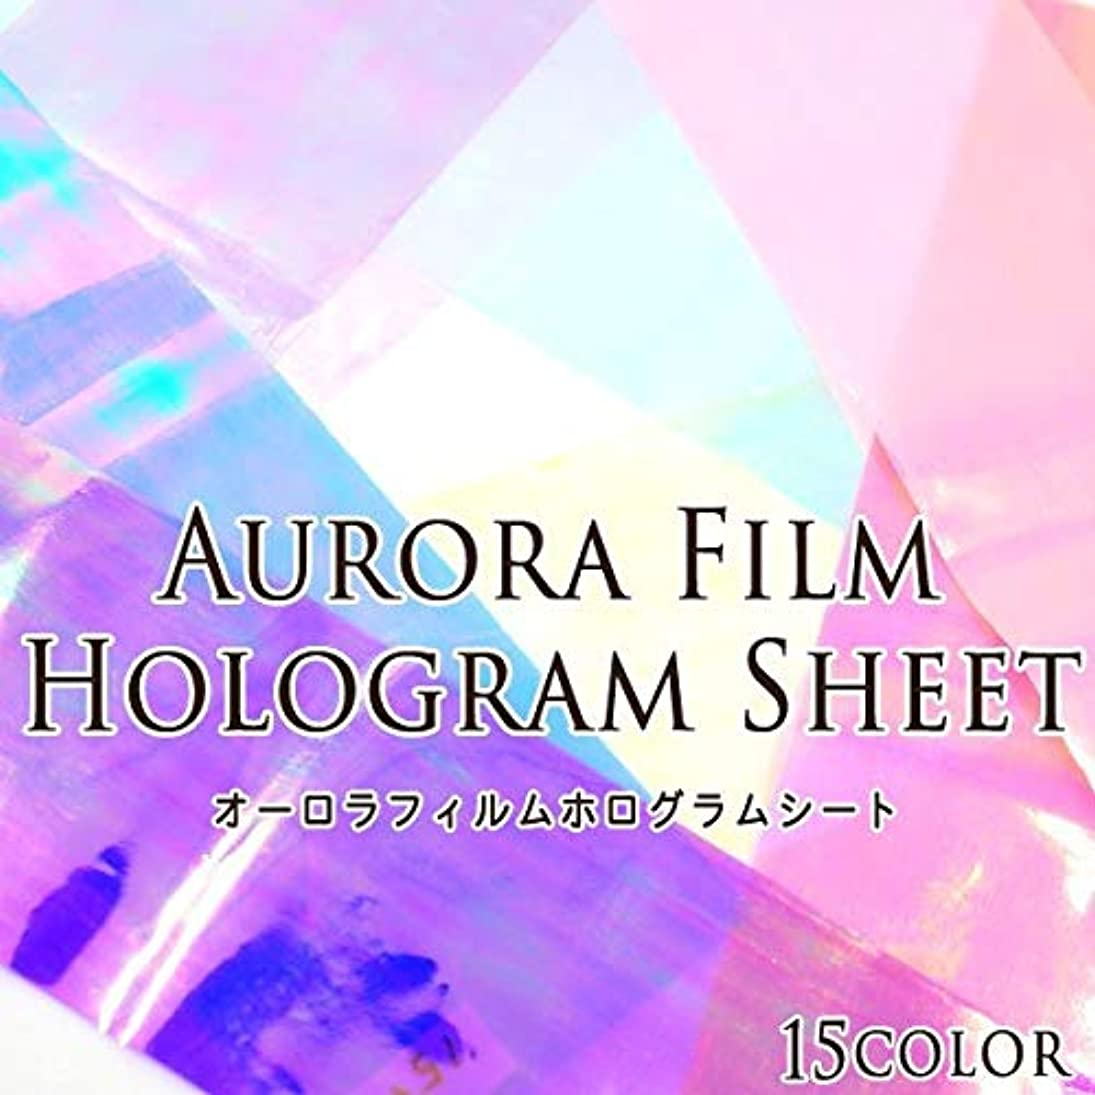 霊ガロン中央値オーロラフィルム ホログラムシート 1枚入 (7.レッド 12#)